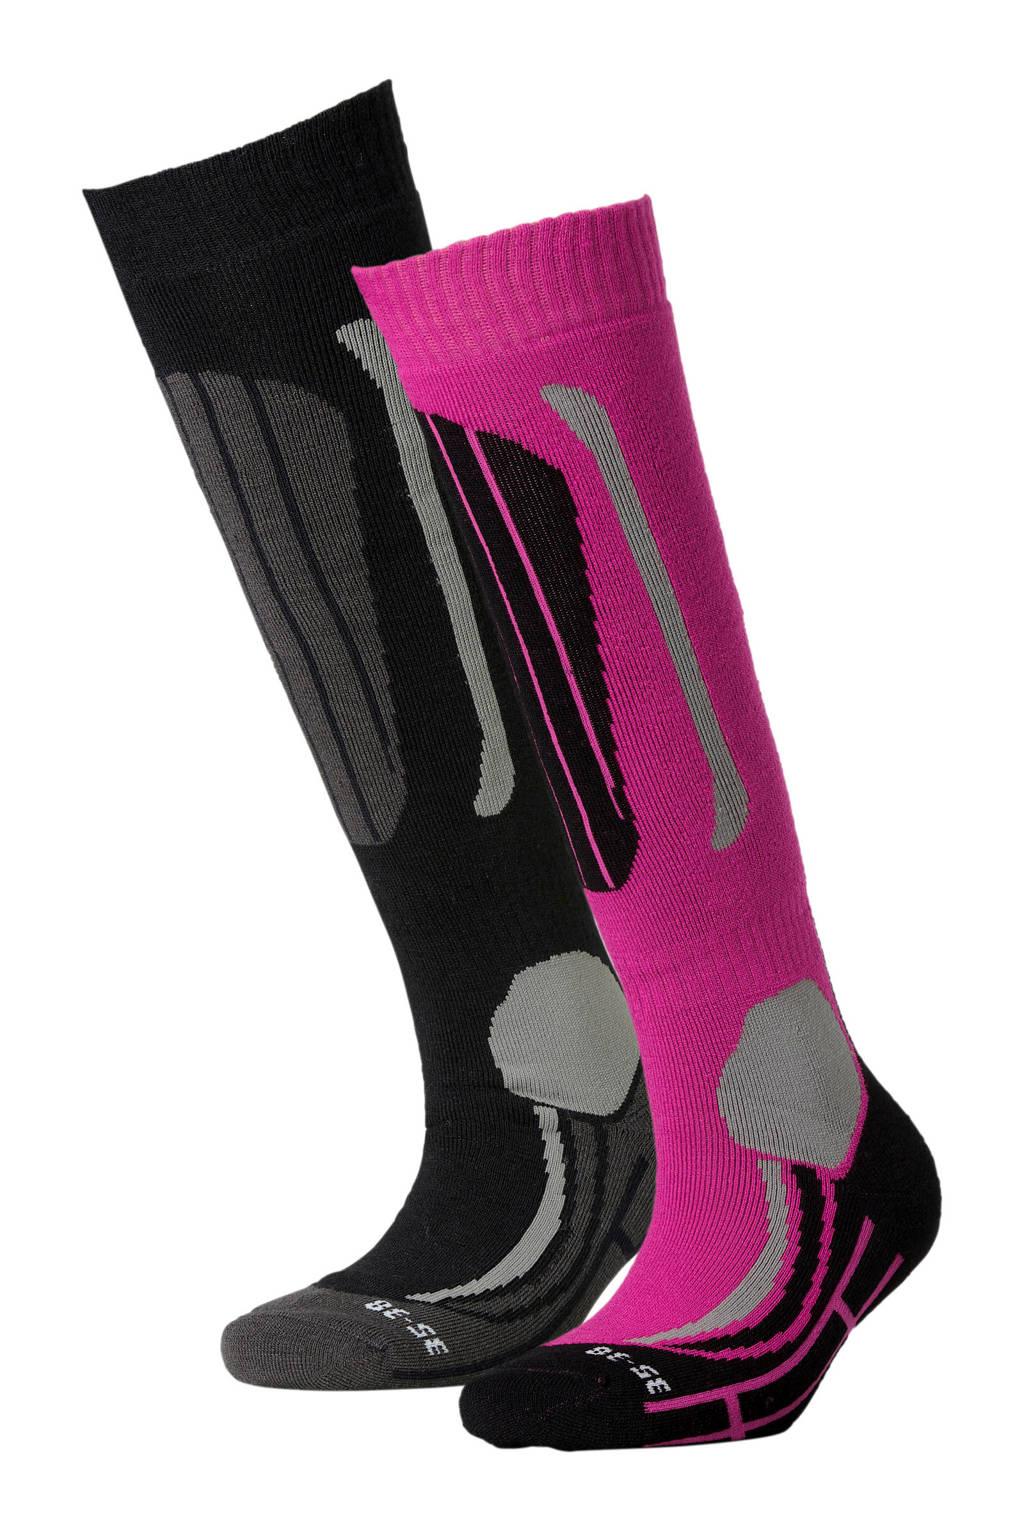 Falcon skisokken (set van 2), Roze/zwart